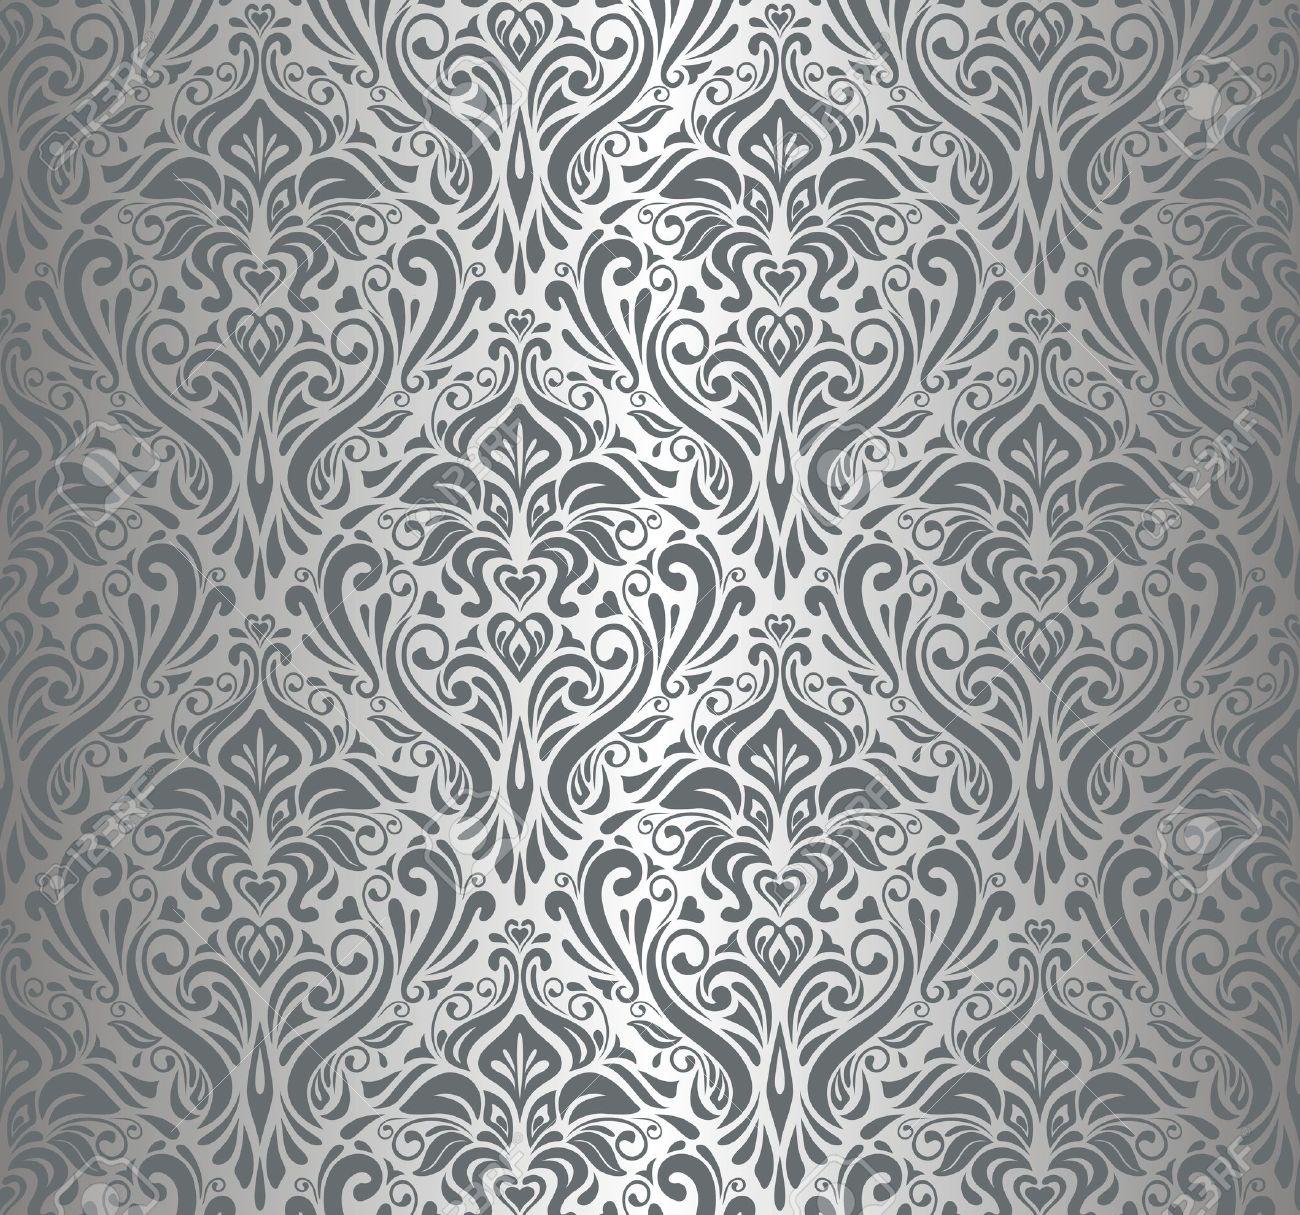 silber luxus vintage tapete lizenzfreie bilder 18684155 - Silber Tapete